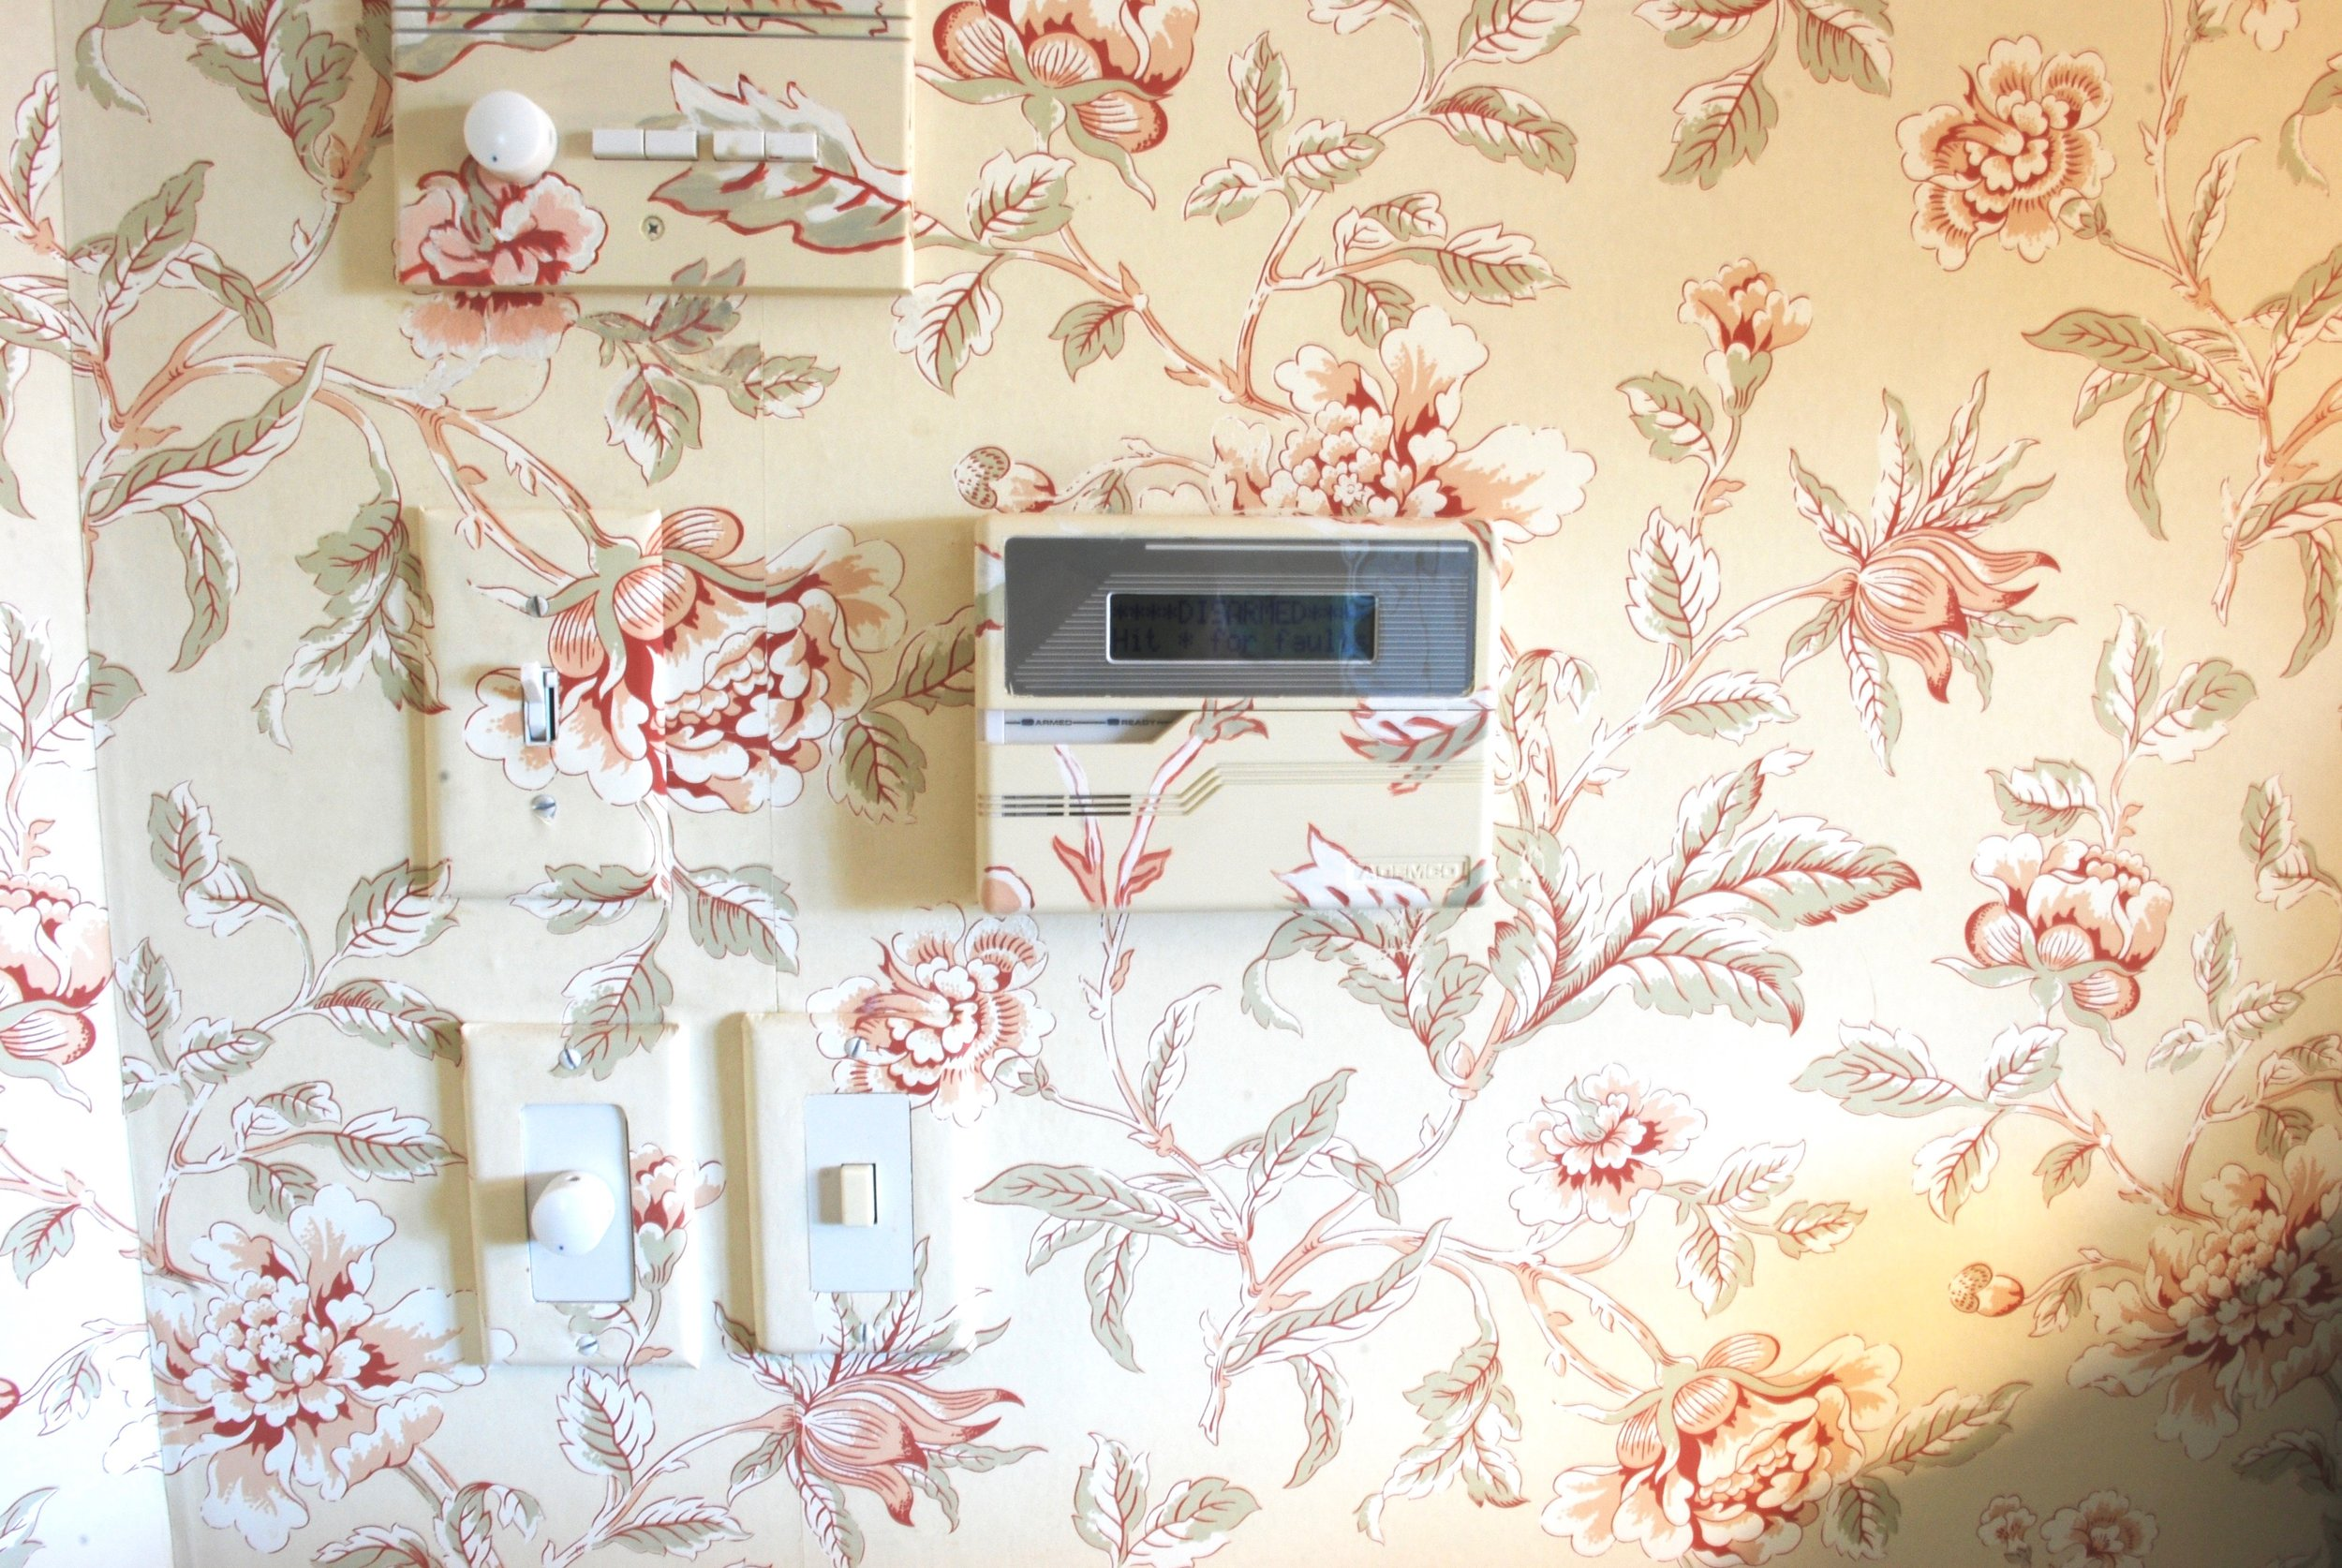 Wallpaper match